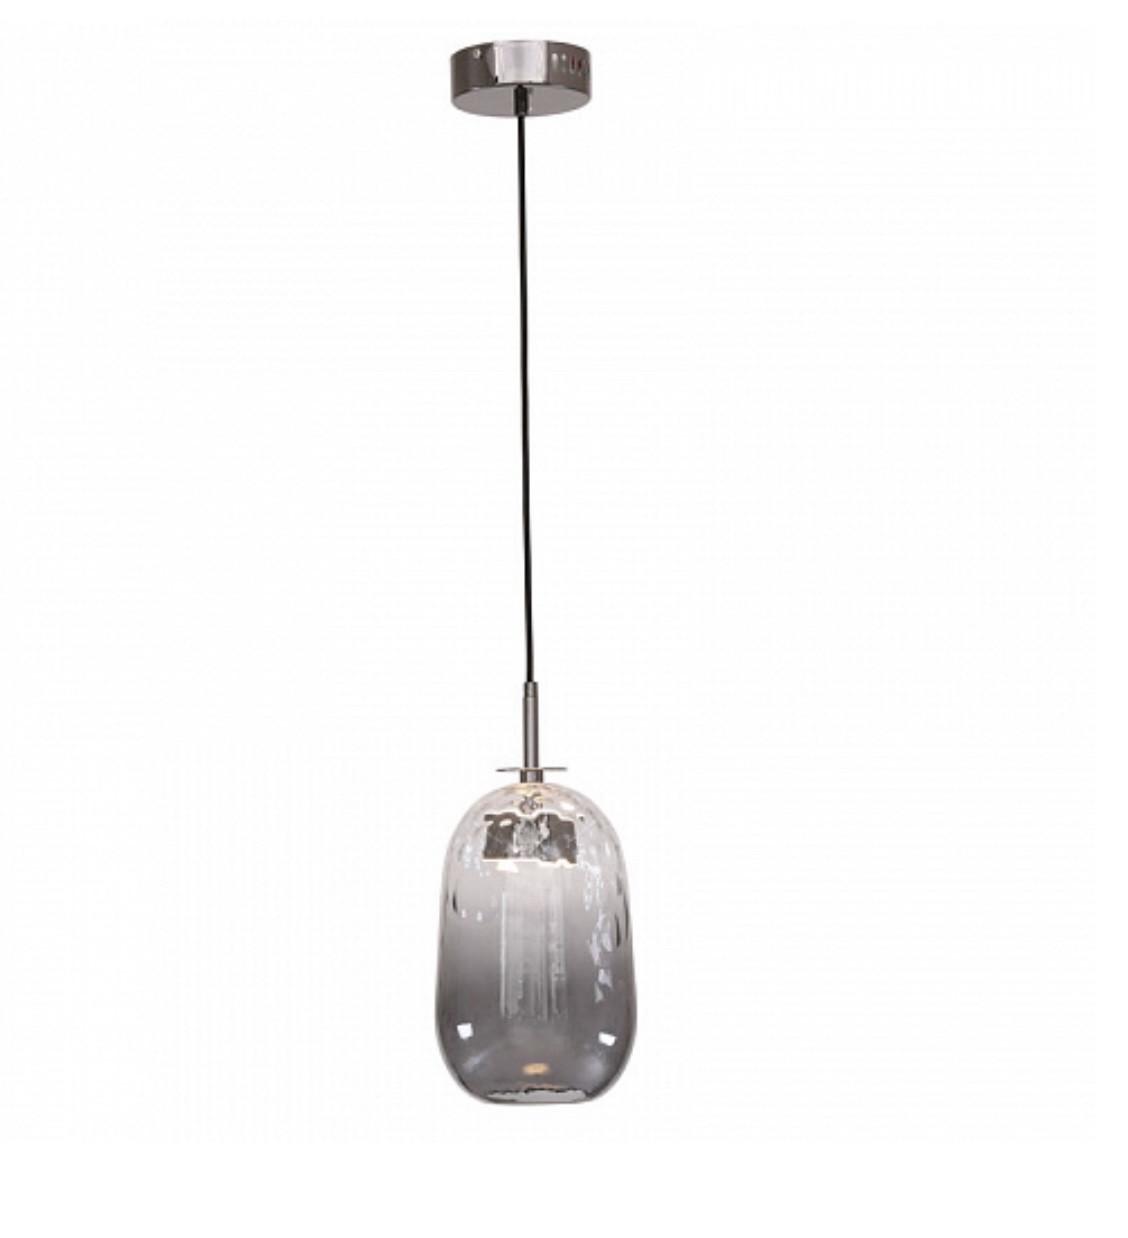 Підвіс Stellare P 2510 14 W AC LED